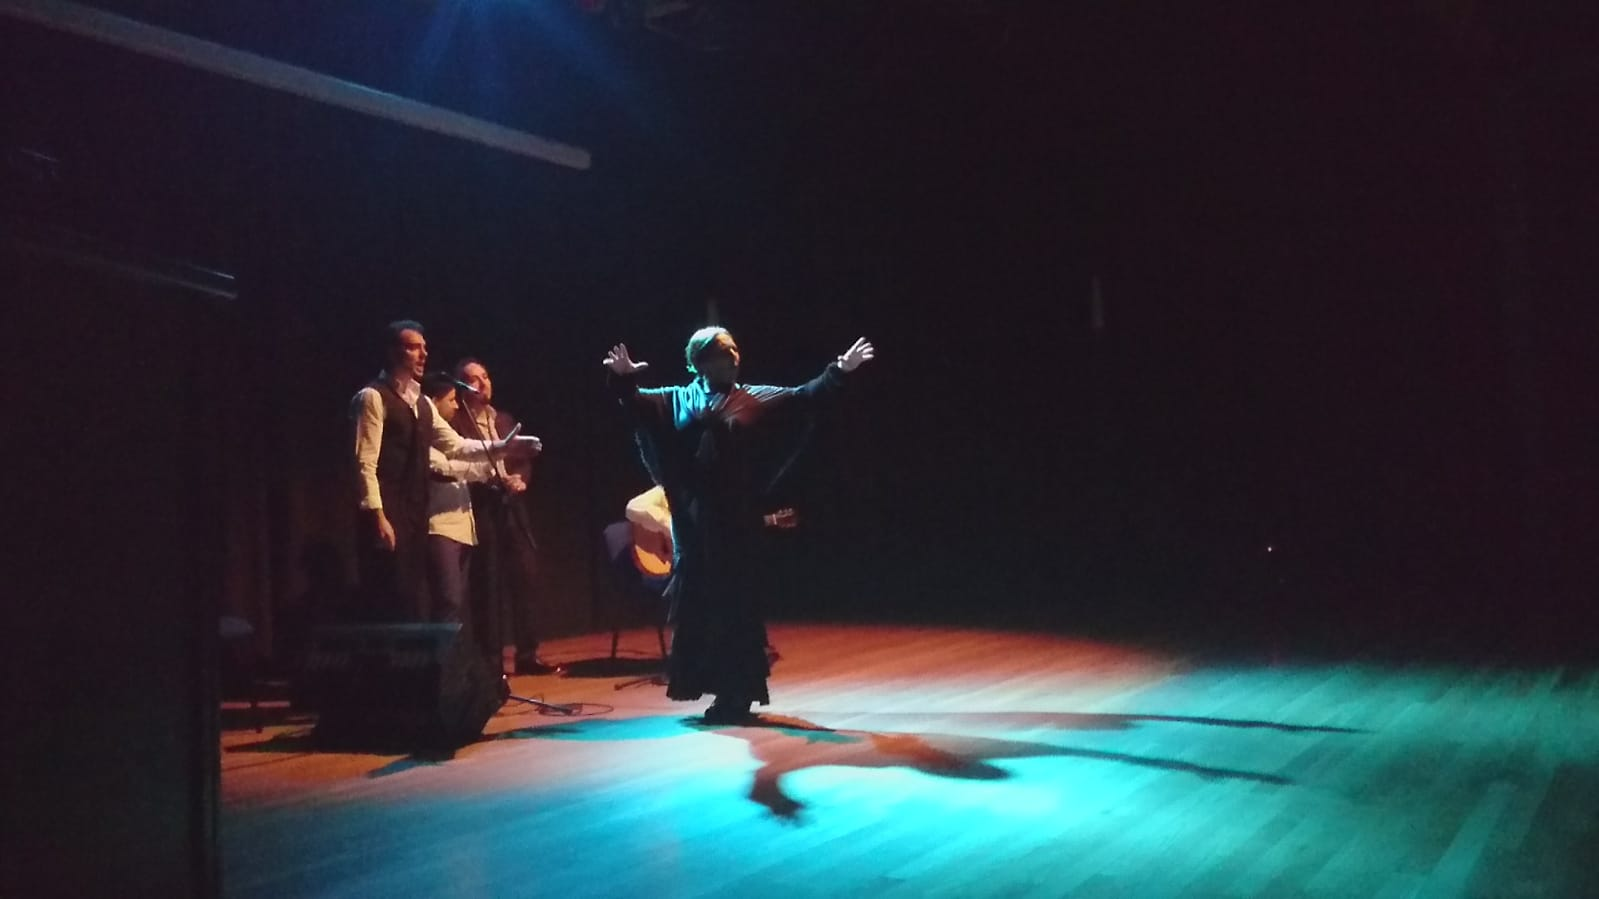 Las VI Jornadas Flamencas de Monachil rendirán homenaje a 'La Niña de los Peines'